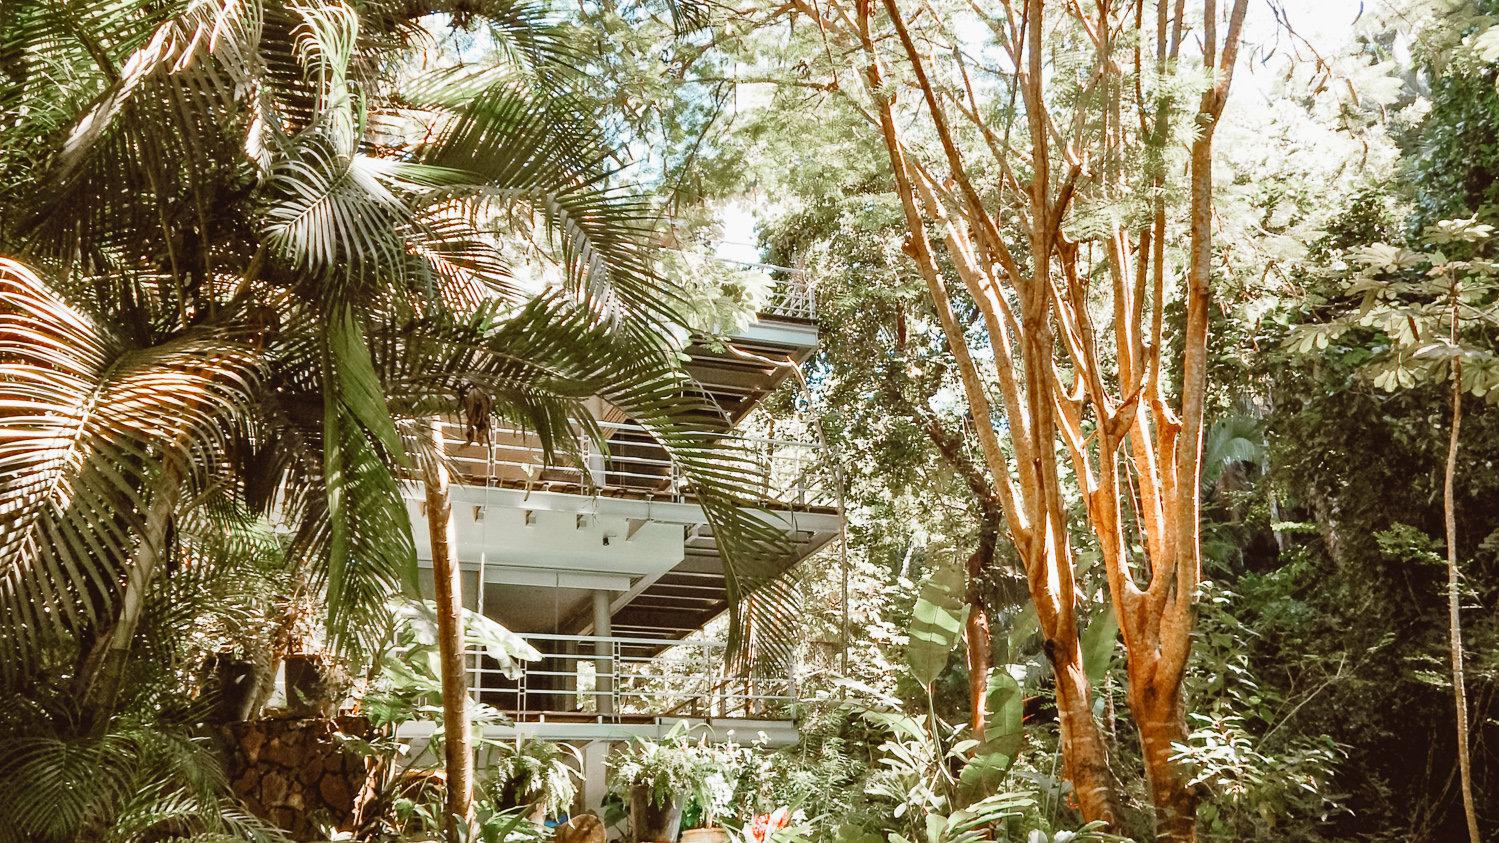 stay in casual luxury - open-living jungle villas